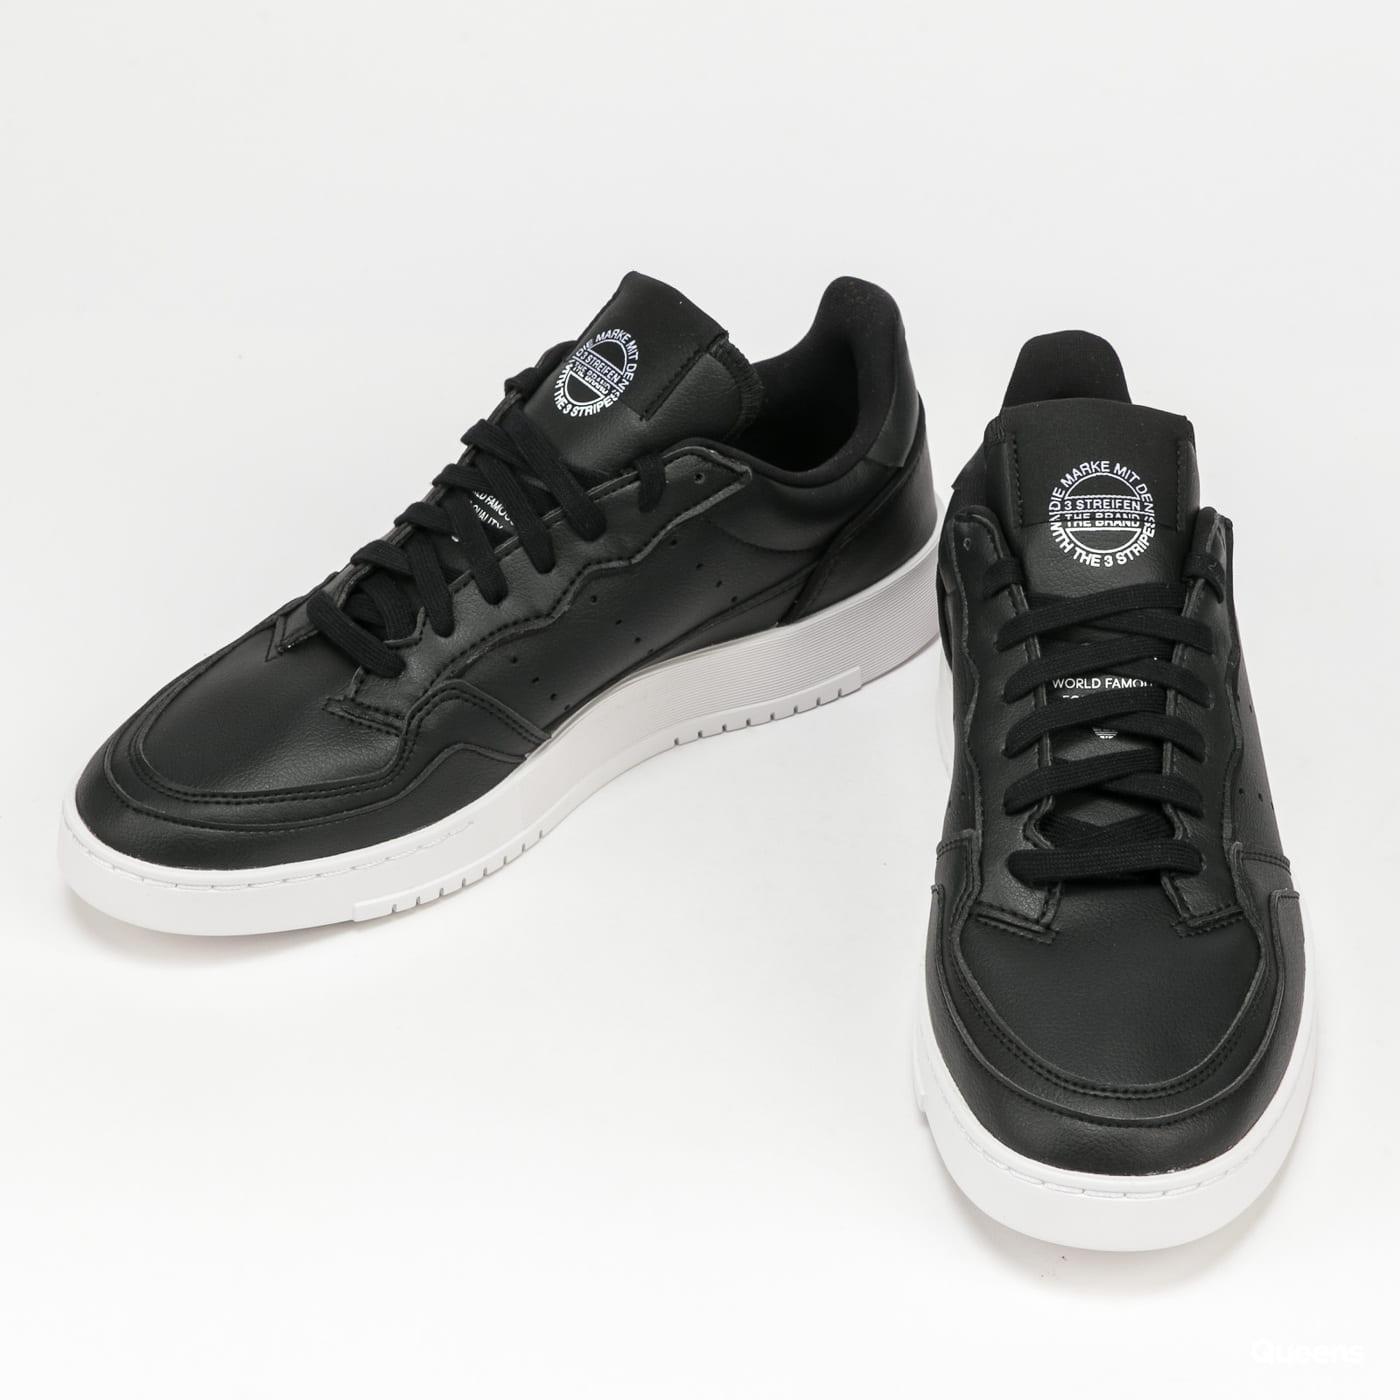 adidas Originals Supercourt Vegan cblack / cblack / ftwwht